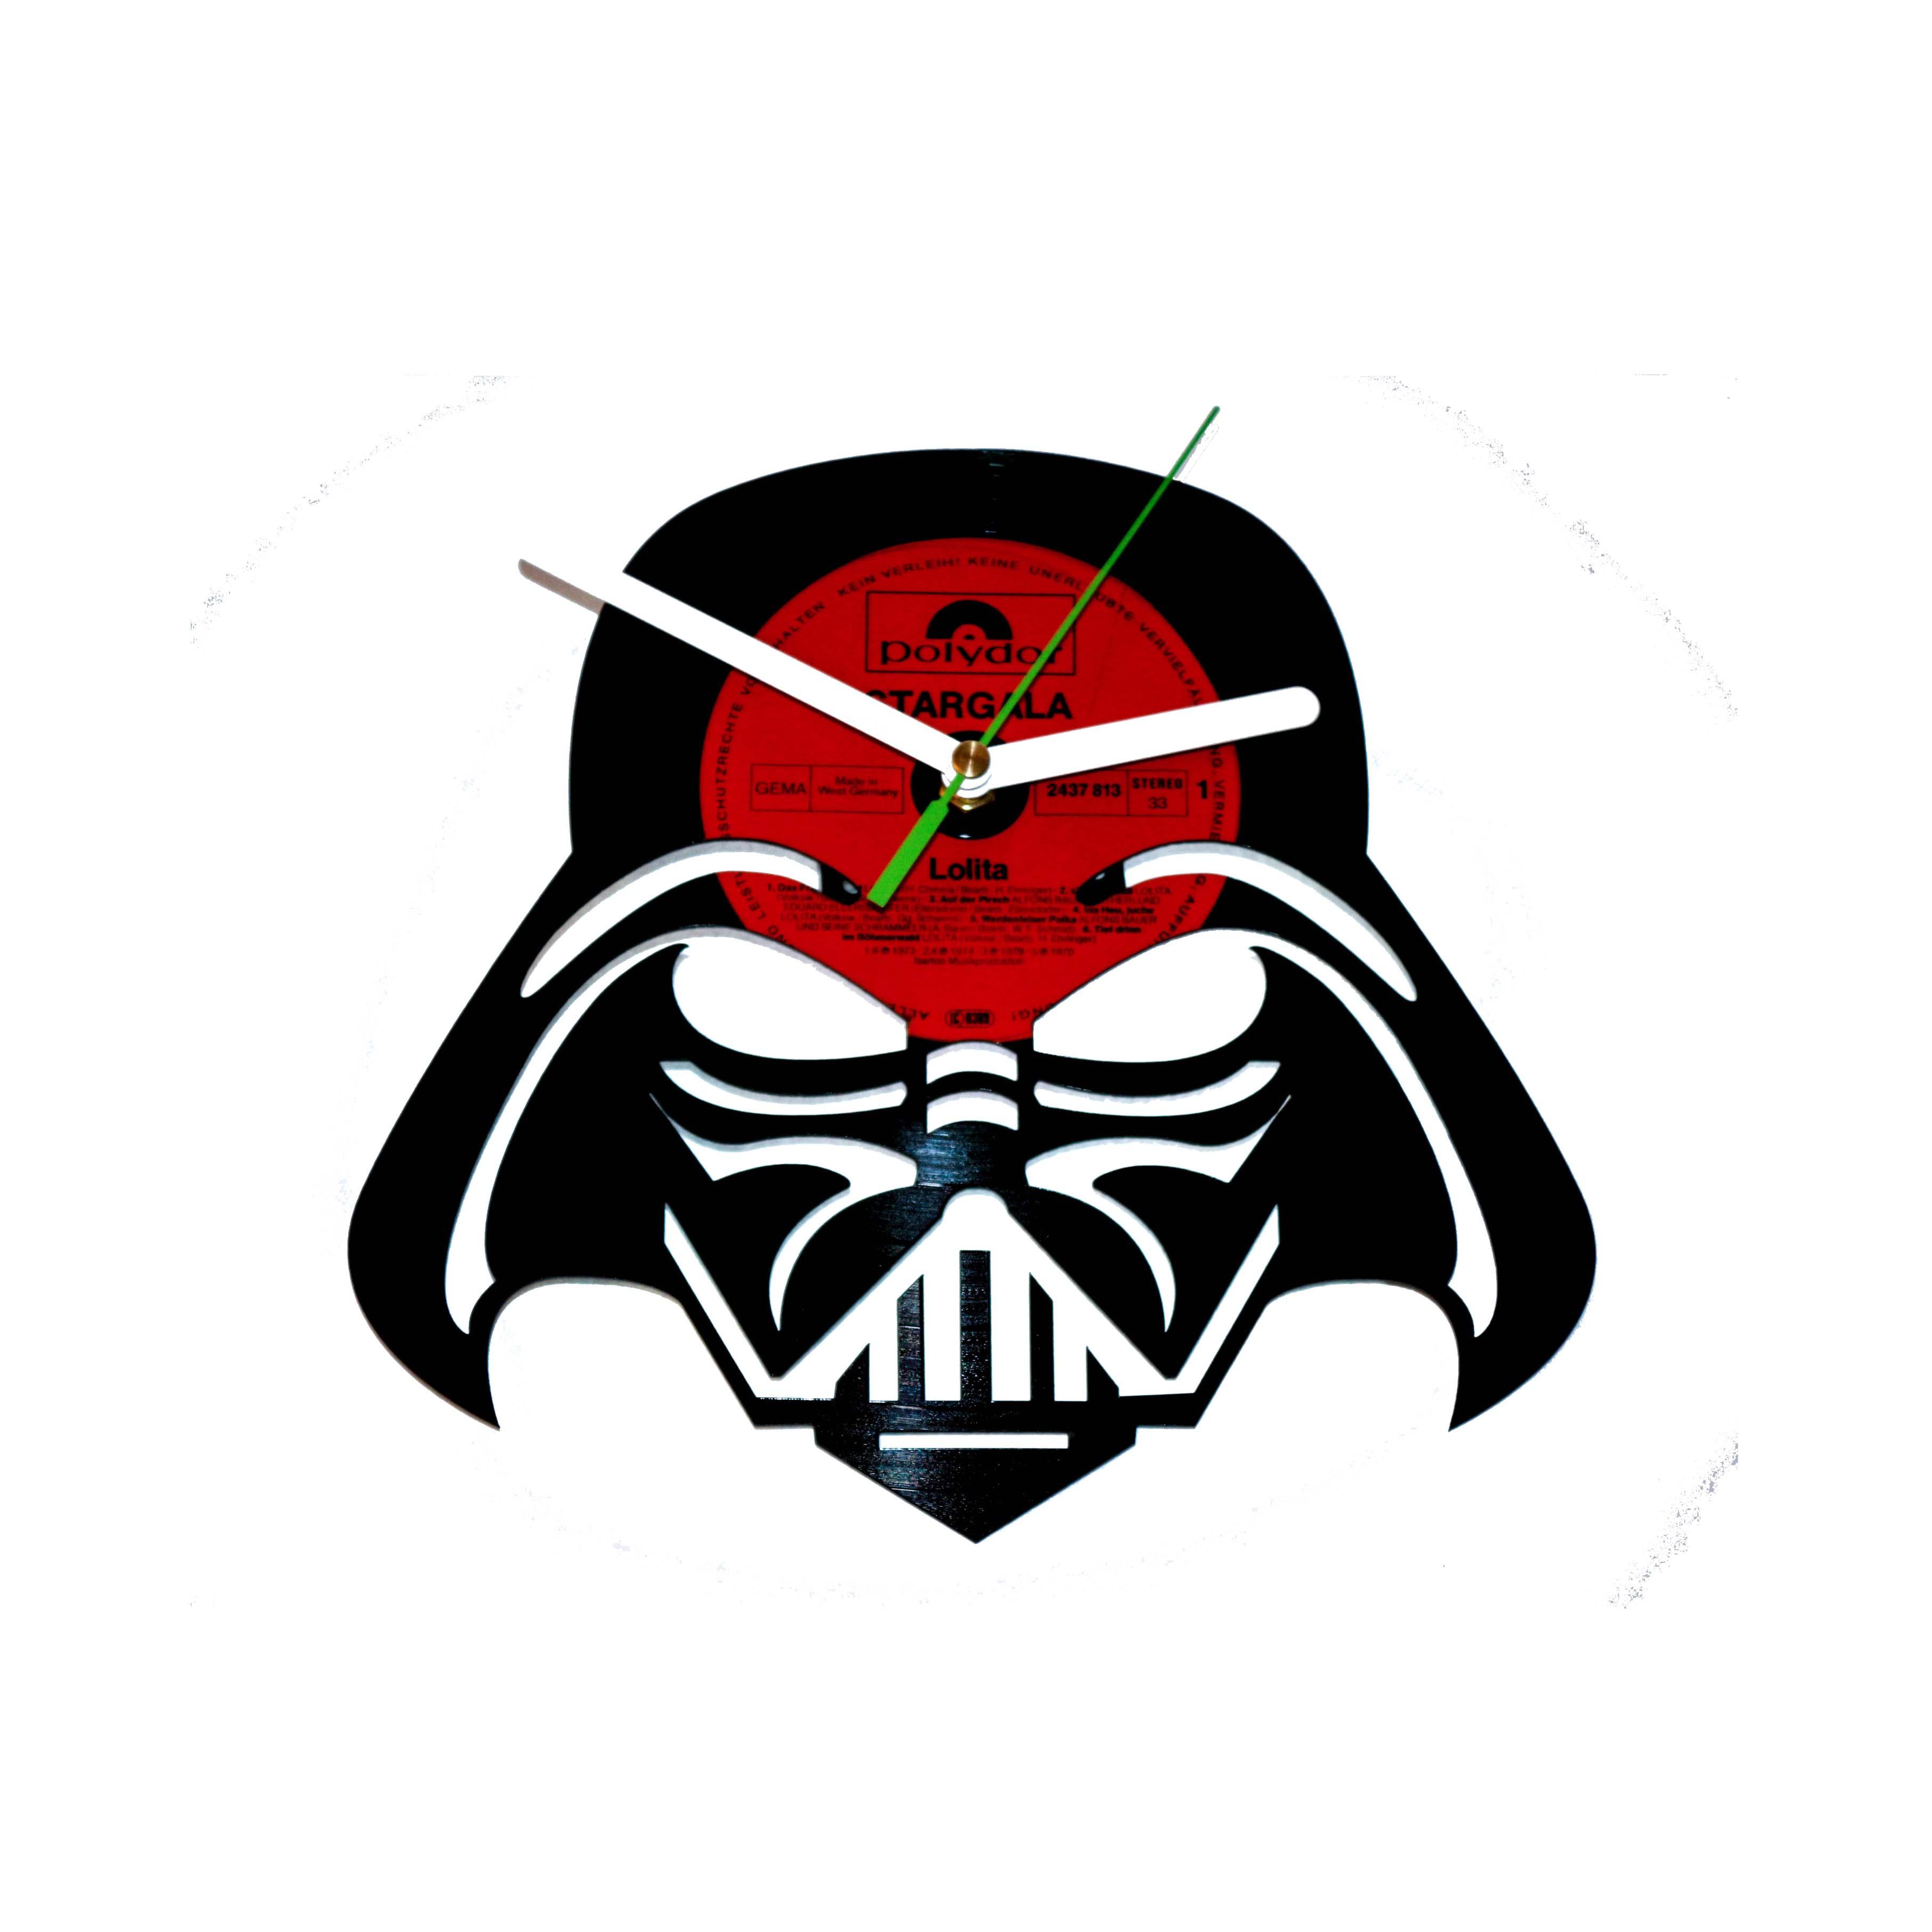 3626x3626 Darth Vader Vinyl Clock Design